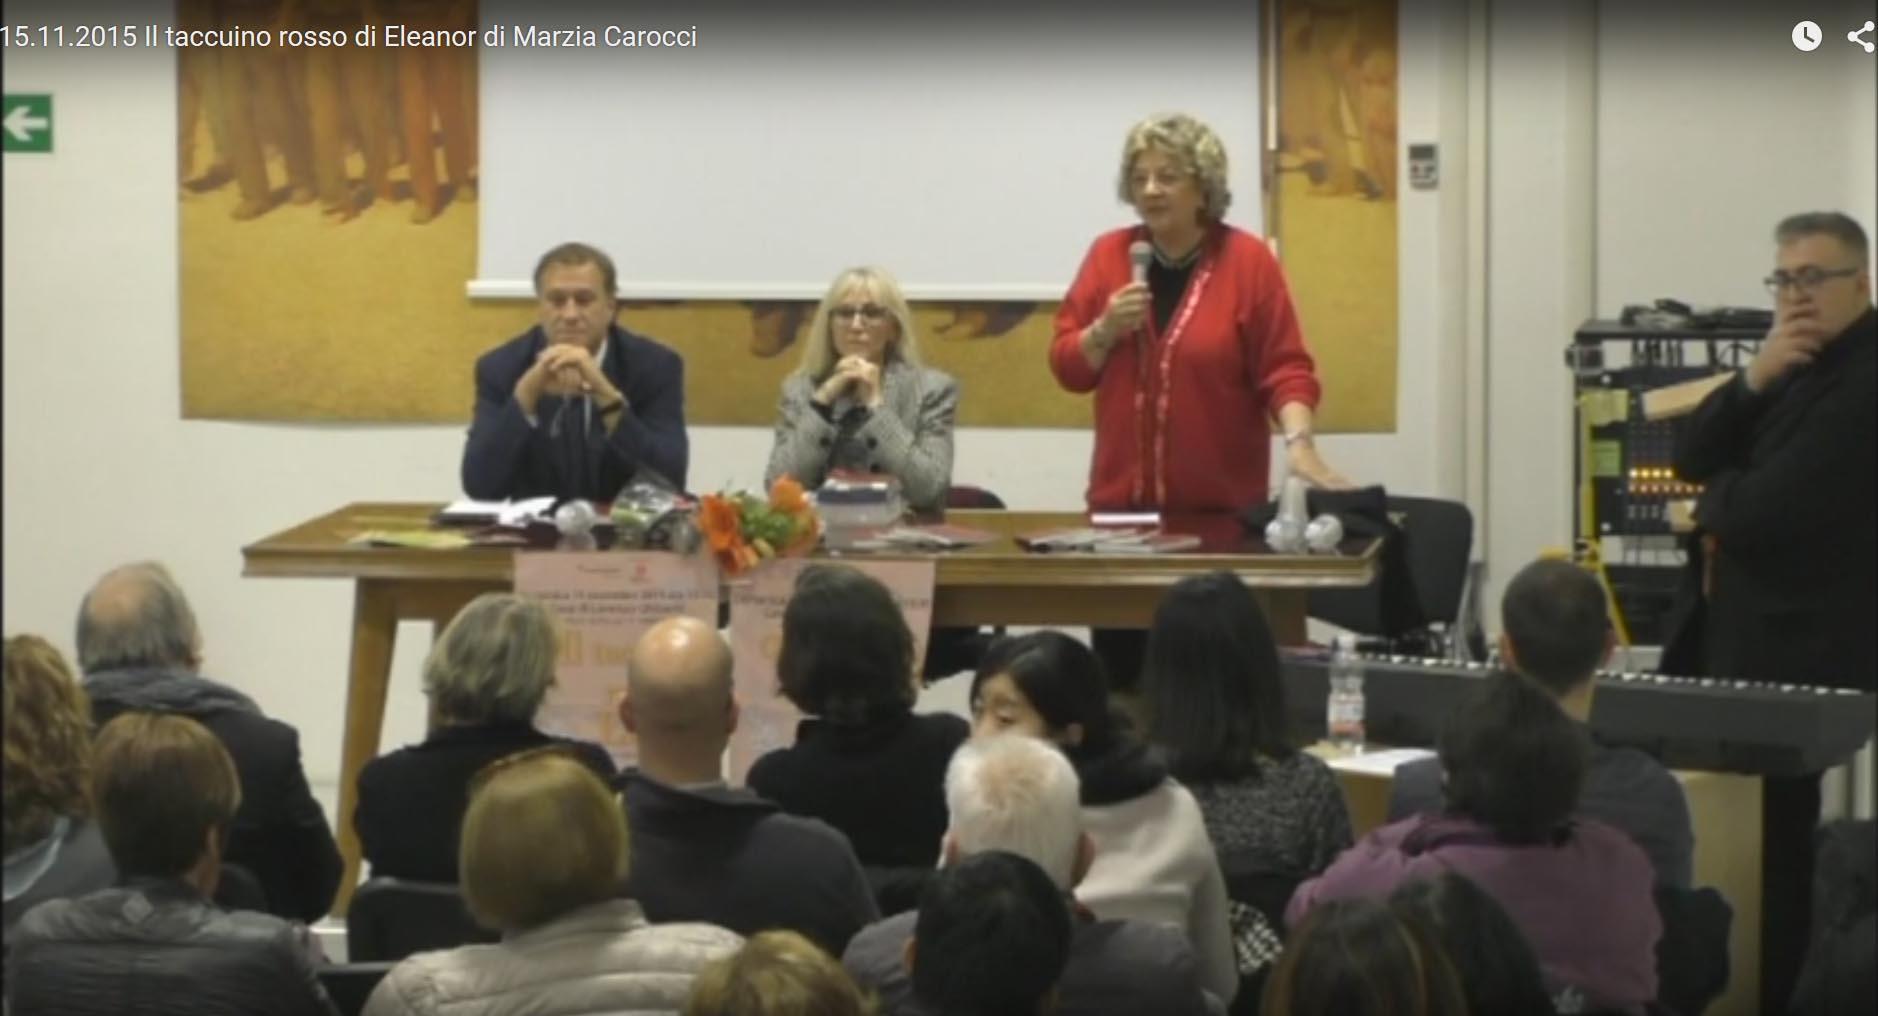 Video – Il taccuino rosso di Eleanor di Marzia Carocci – 15 novembre 2015